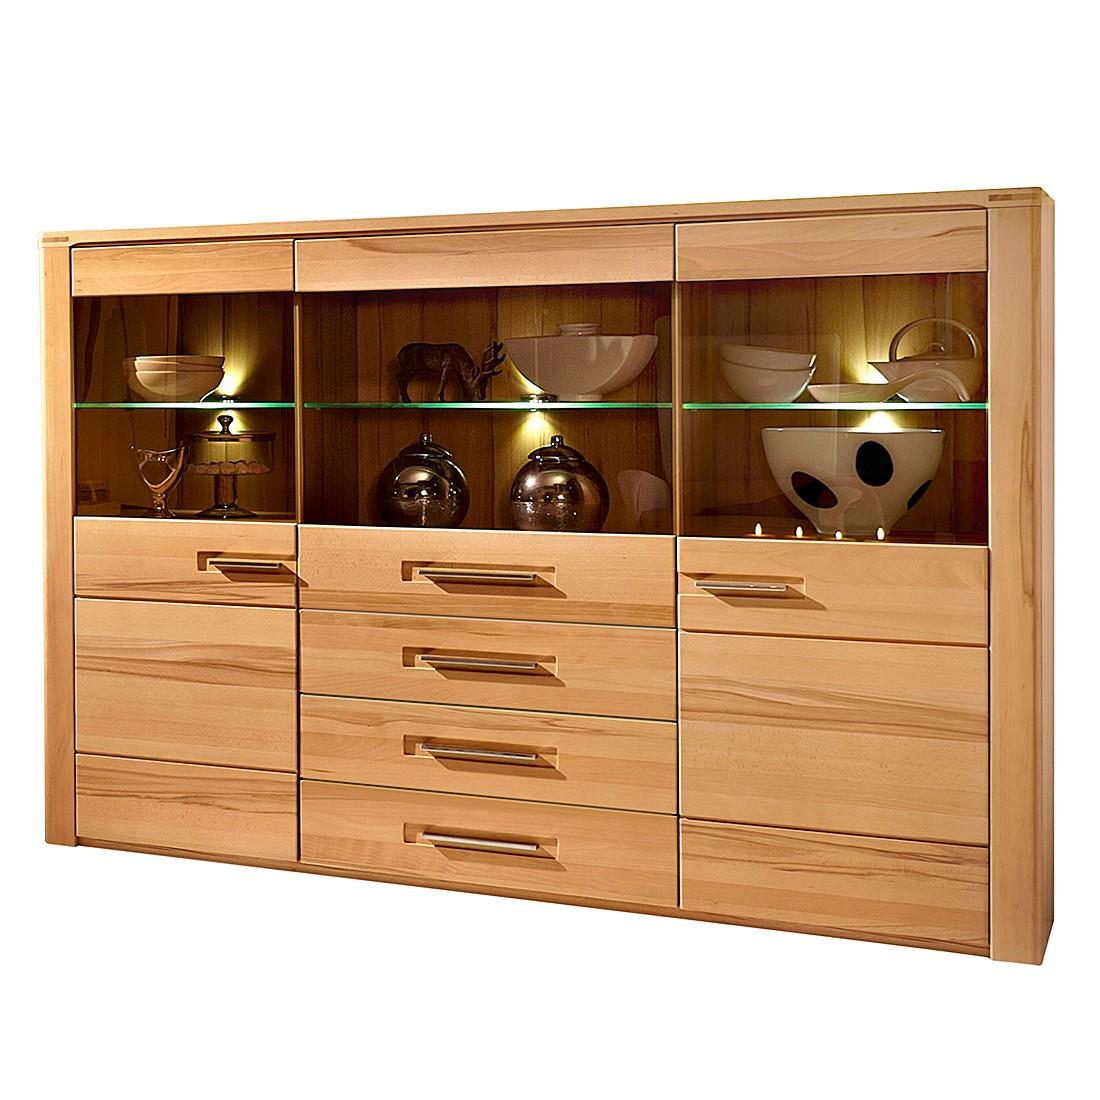 9 sparen highboard naturestar von ars natura nur 499 99 cherry m bel. Black Bedroom Furniture Sets. Home Design Ideas